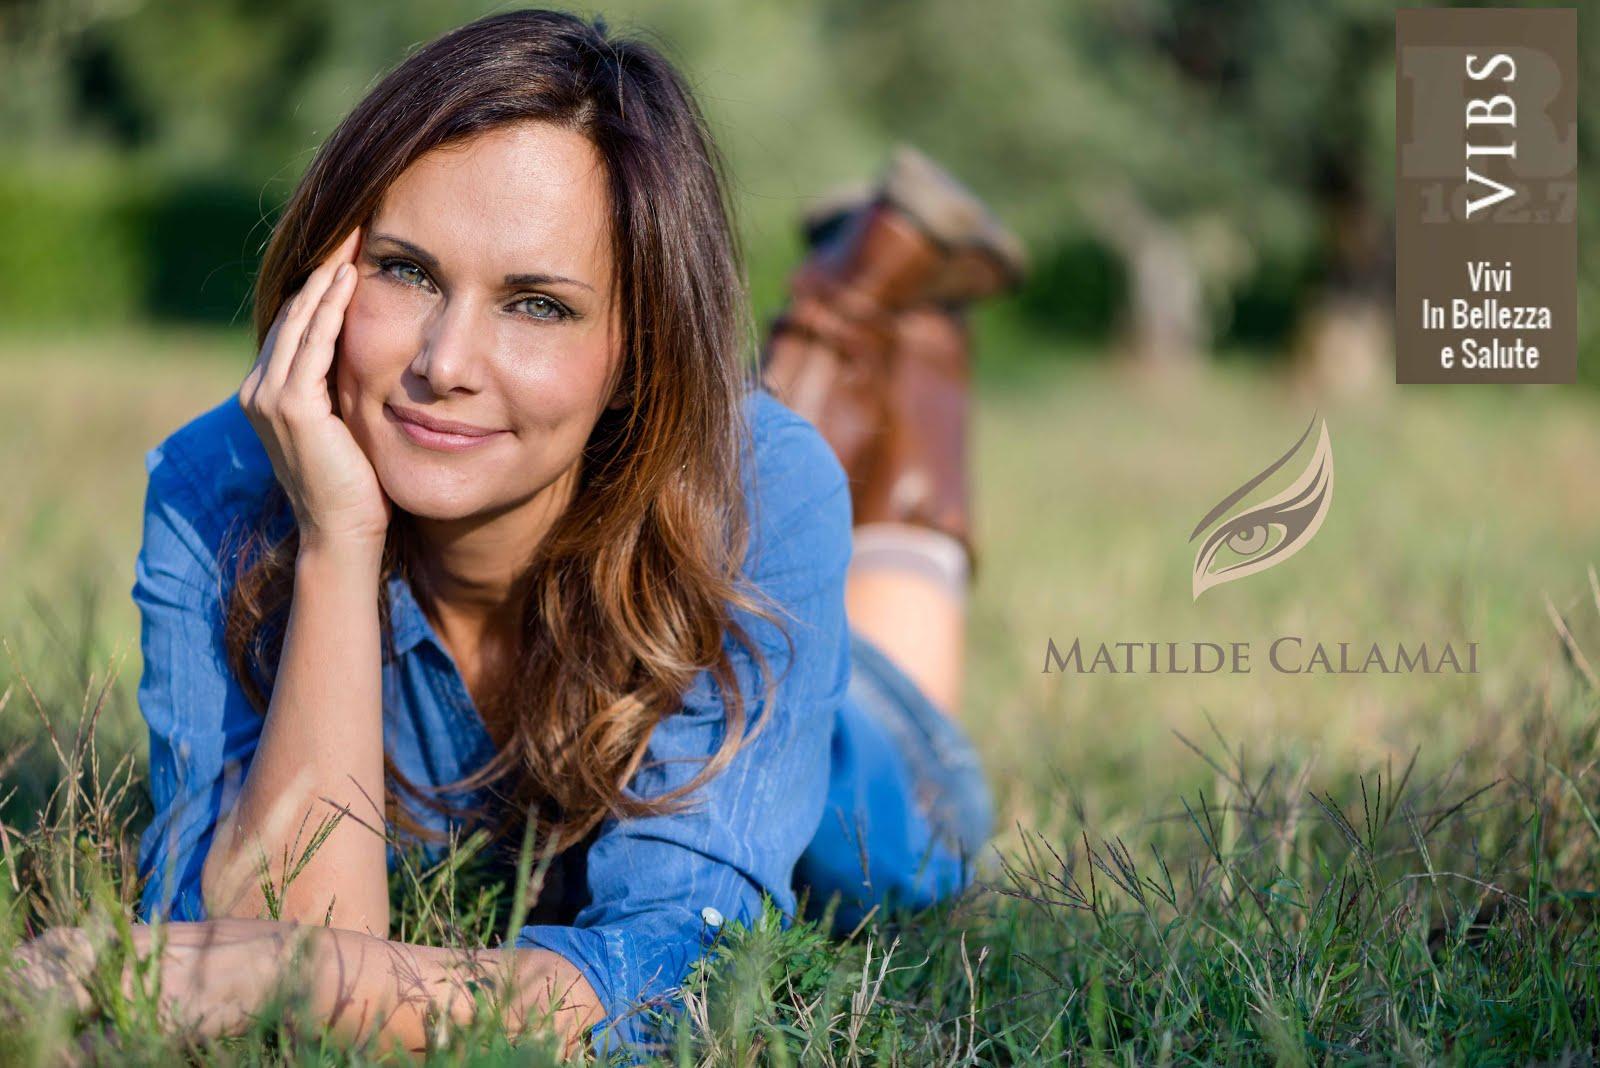 Matilde Calamai blog